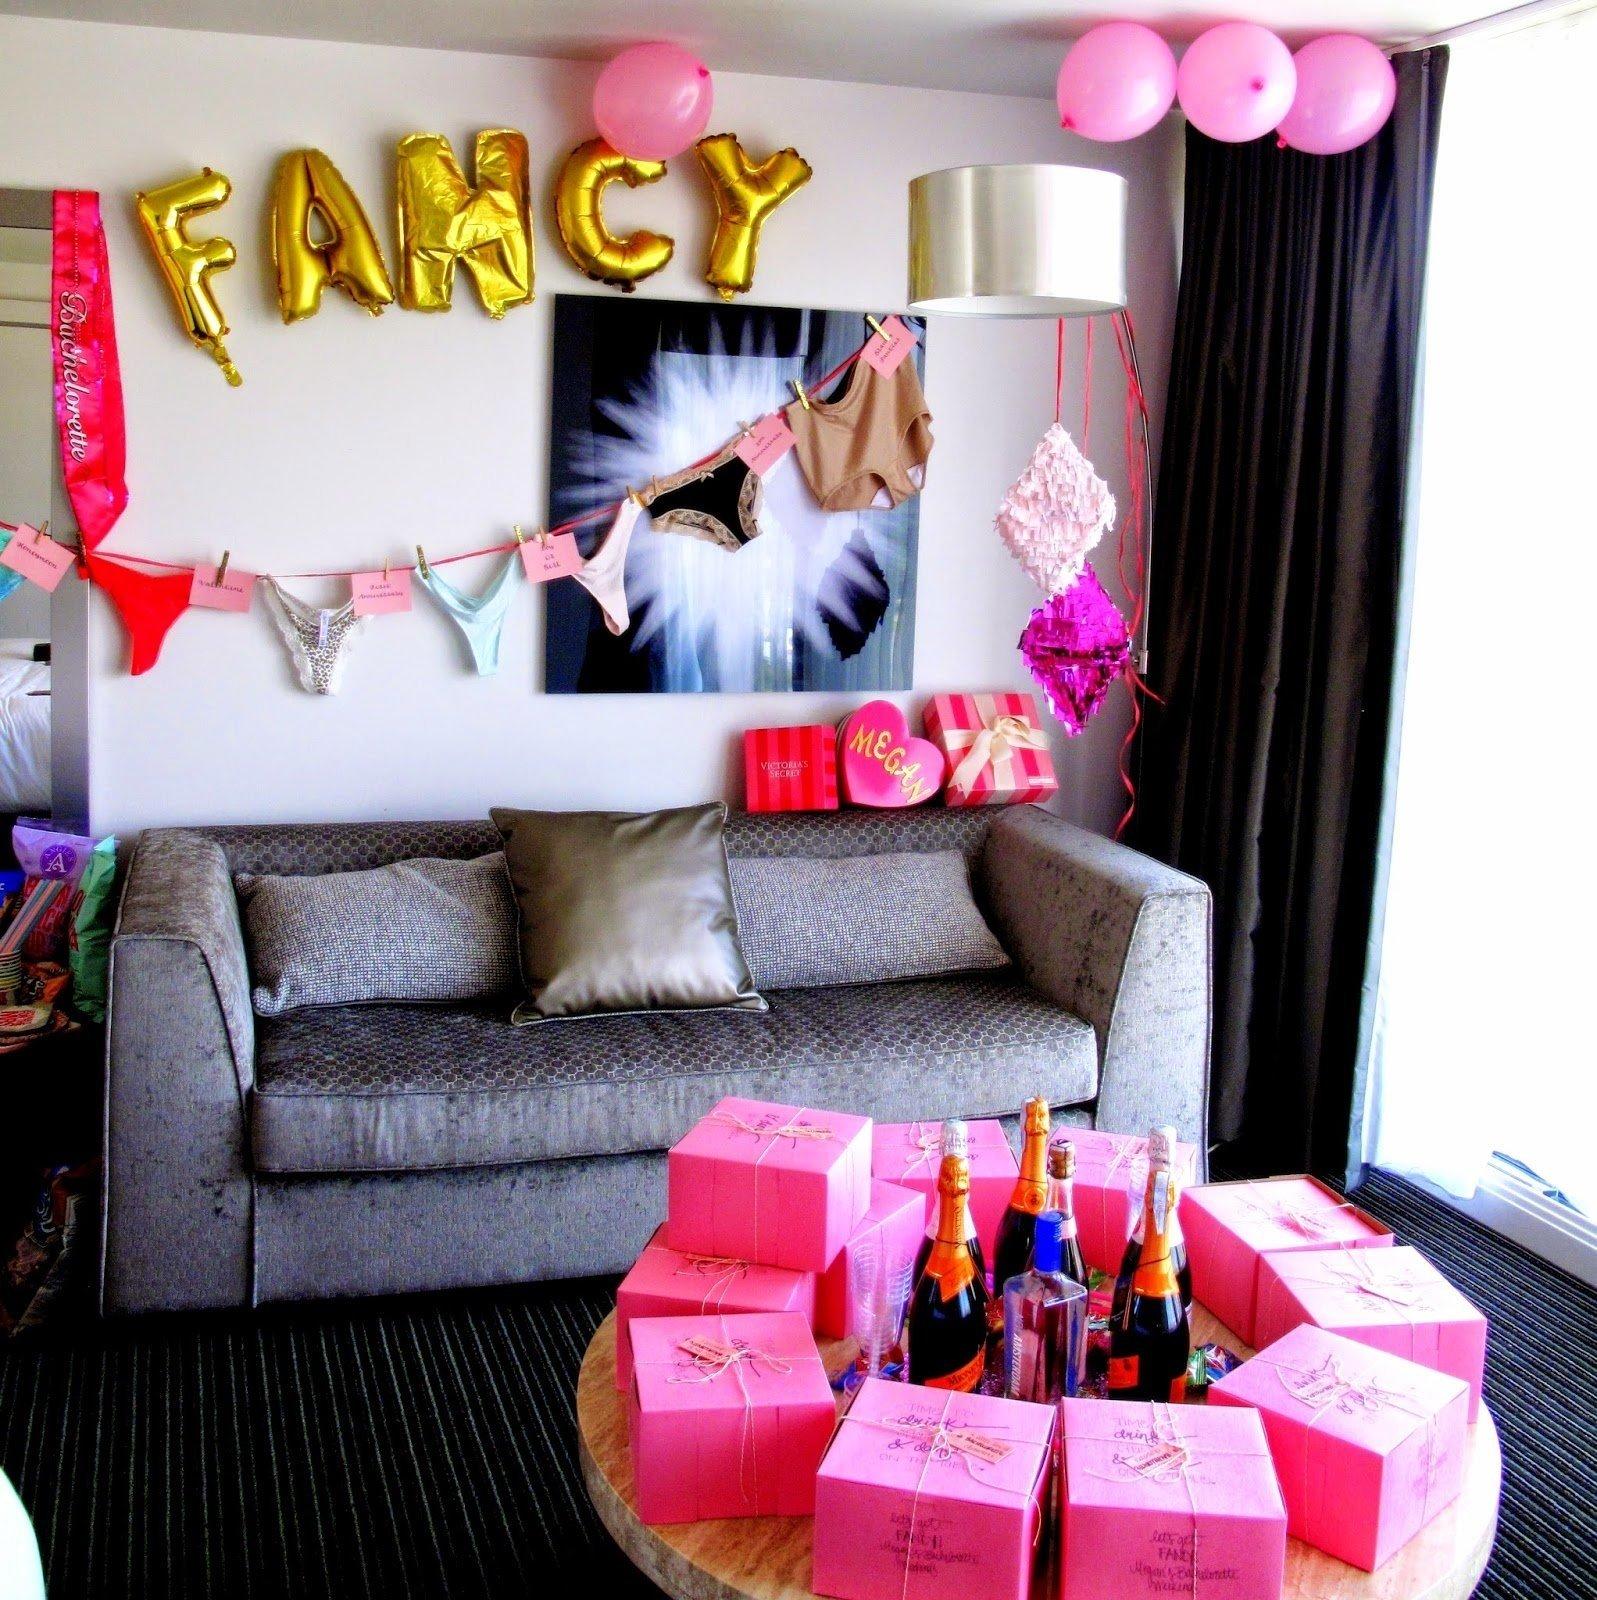 10 Unique At Home Bachelorette Party Ideas naughty bachelorette party decorations utrails home design 2021